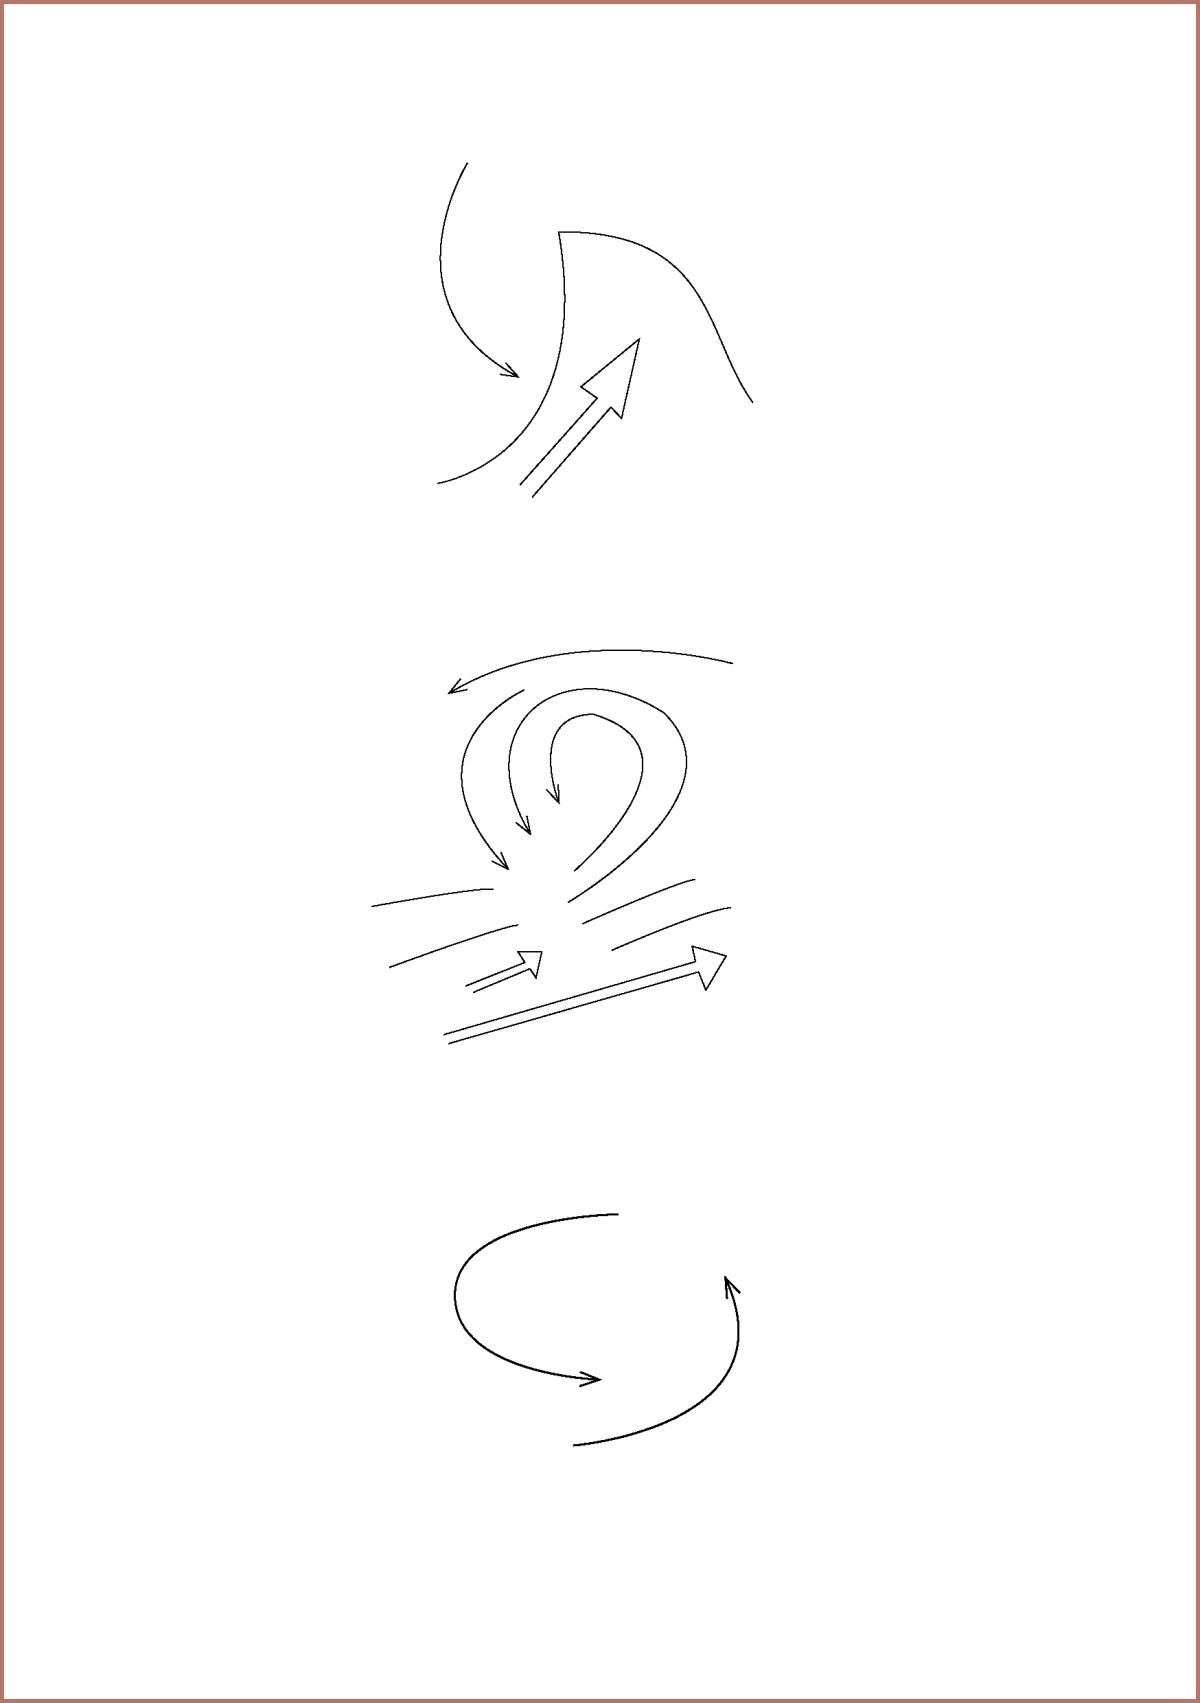 dibujo digital, las cosas infinitas #5 de Fernanda Barreto